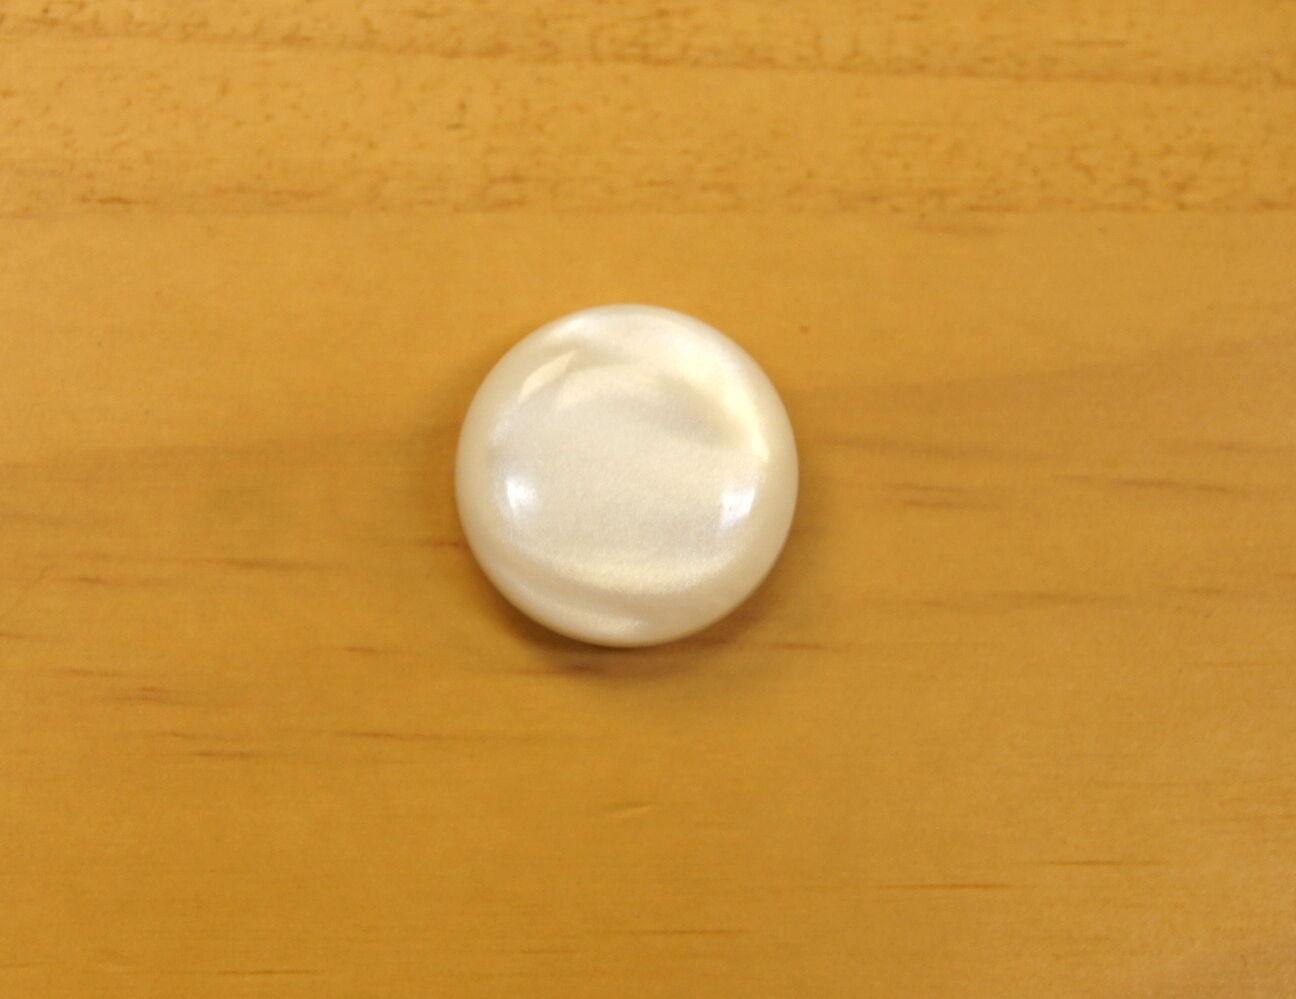 Pulsante per fisarmonica : colore e diametro presso il scelta. Accordion button